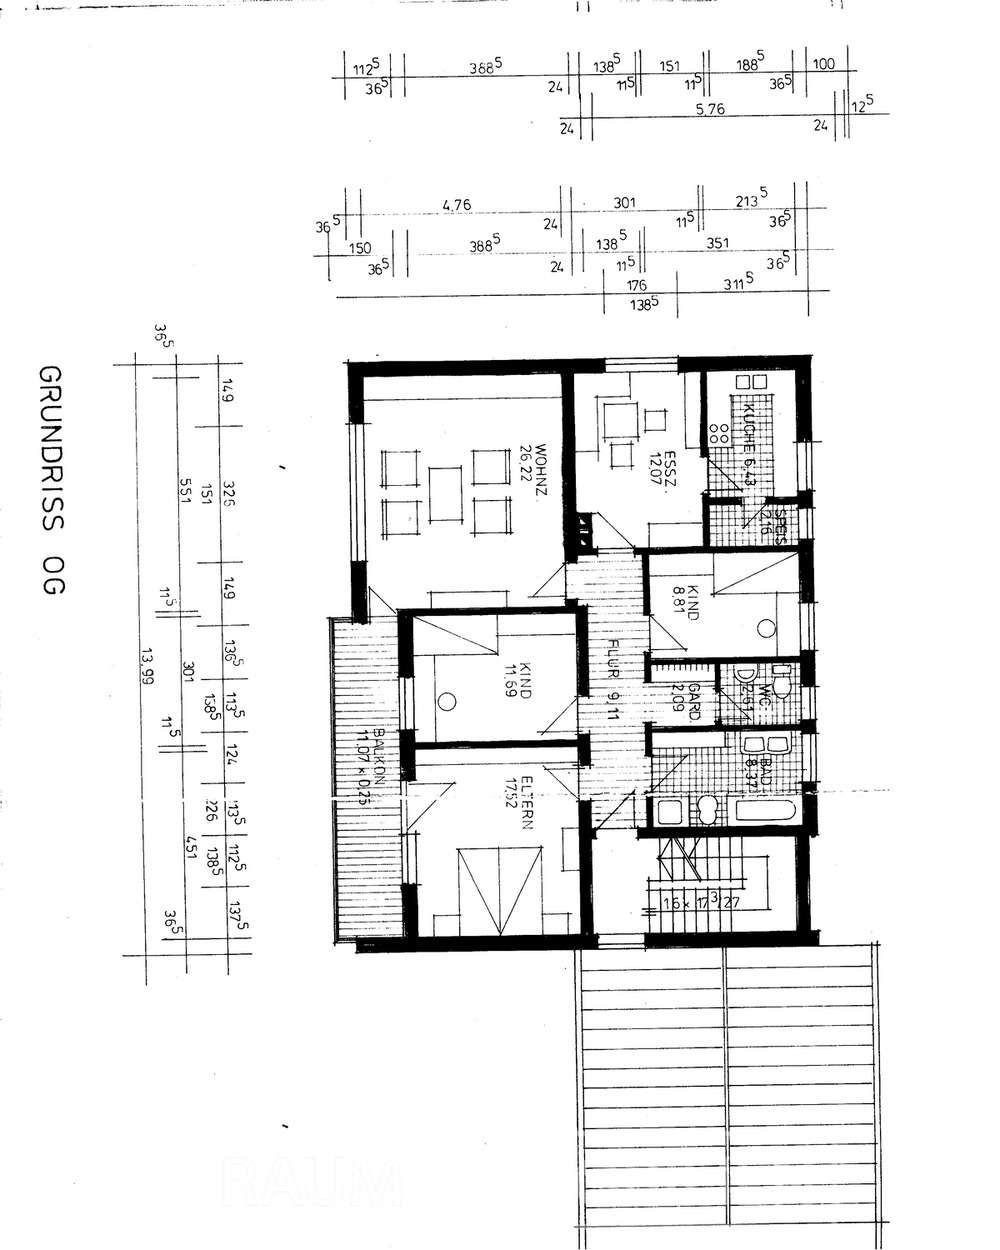 Raum-Immobilien: Helle, ruhigeWohnung zu vermieten.